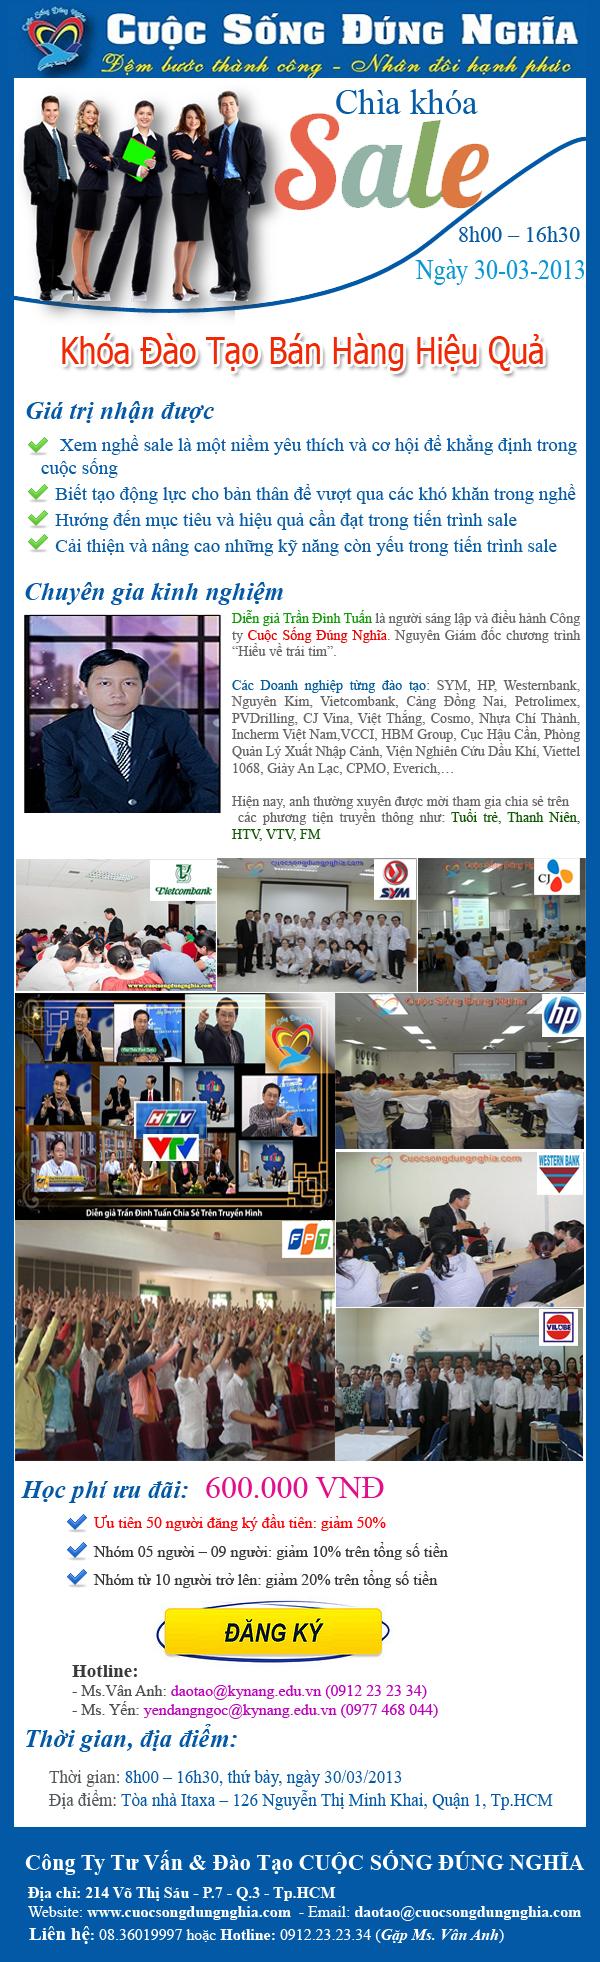 daotao ban hang hieu qua Chương trình đào tạo bán hàng hiệu quả ngày 30 03 2013